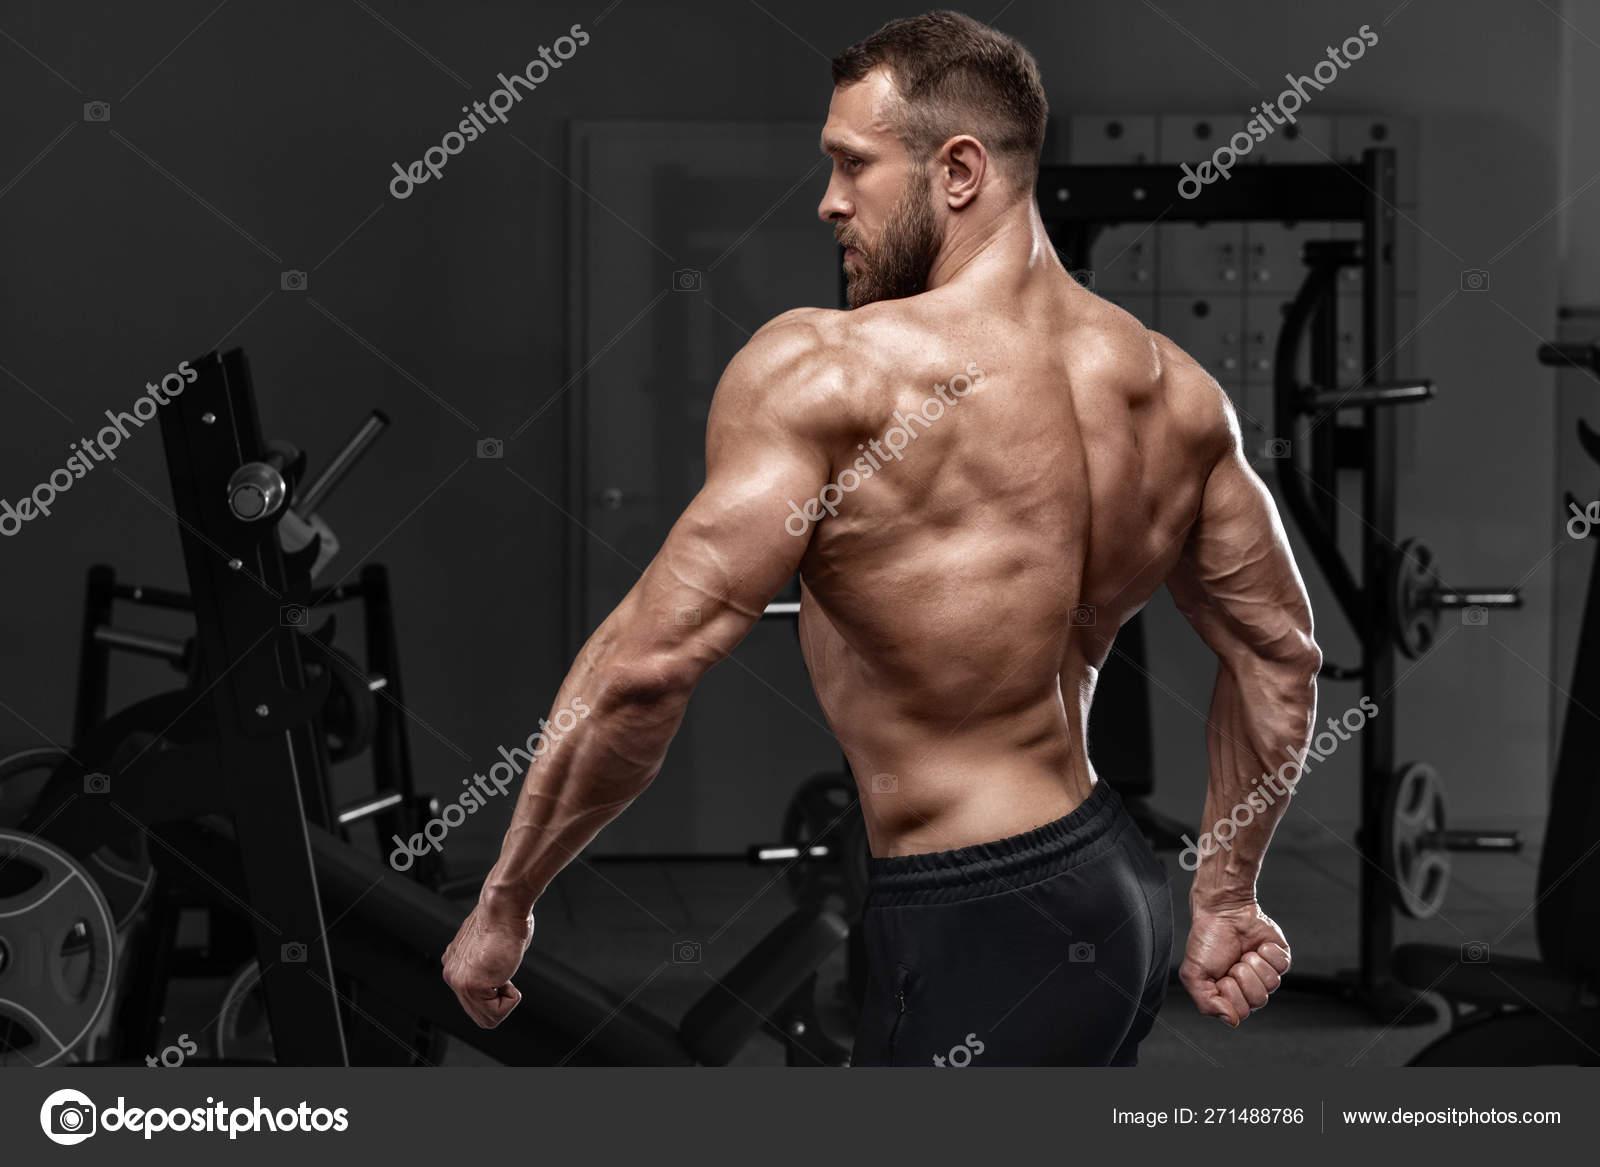 Rear View Muscular Man Showing Back Muscles Gym Strong Male Stock Photo C Nikolas Jkd 271488786 Joué 68,299 fois nécessite un module d'extension. rear view muscular man showing back muscles gym strong male stock photo c nikolas jkd 271488786